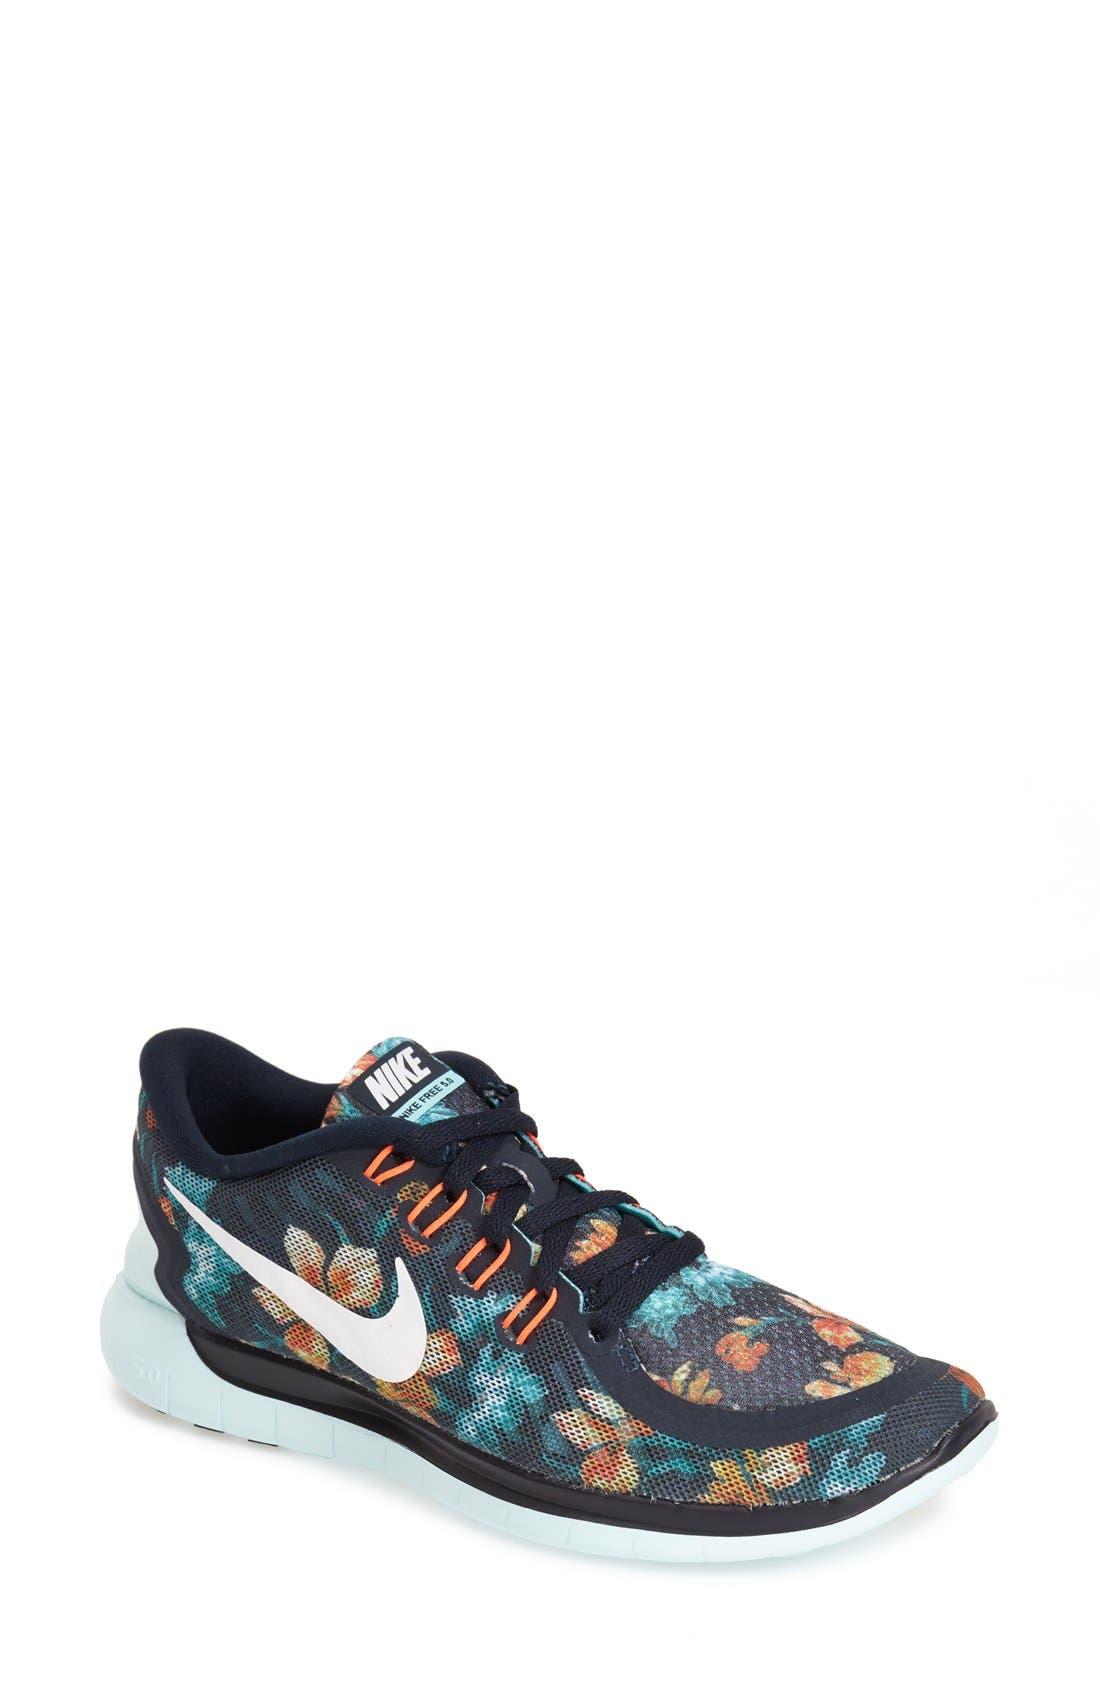 Alternate Image 1 Selected - Nike 'Free 5.0' Running Shoe (Women)